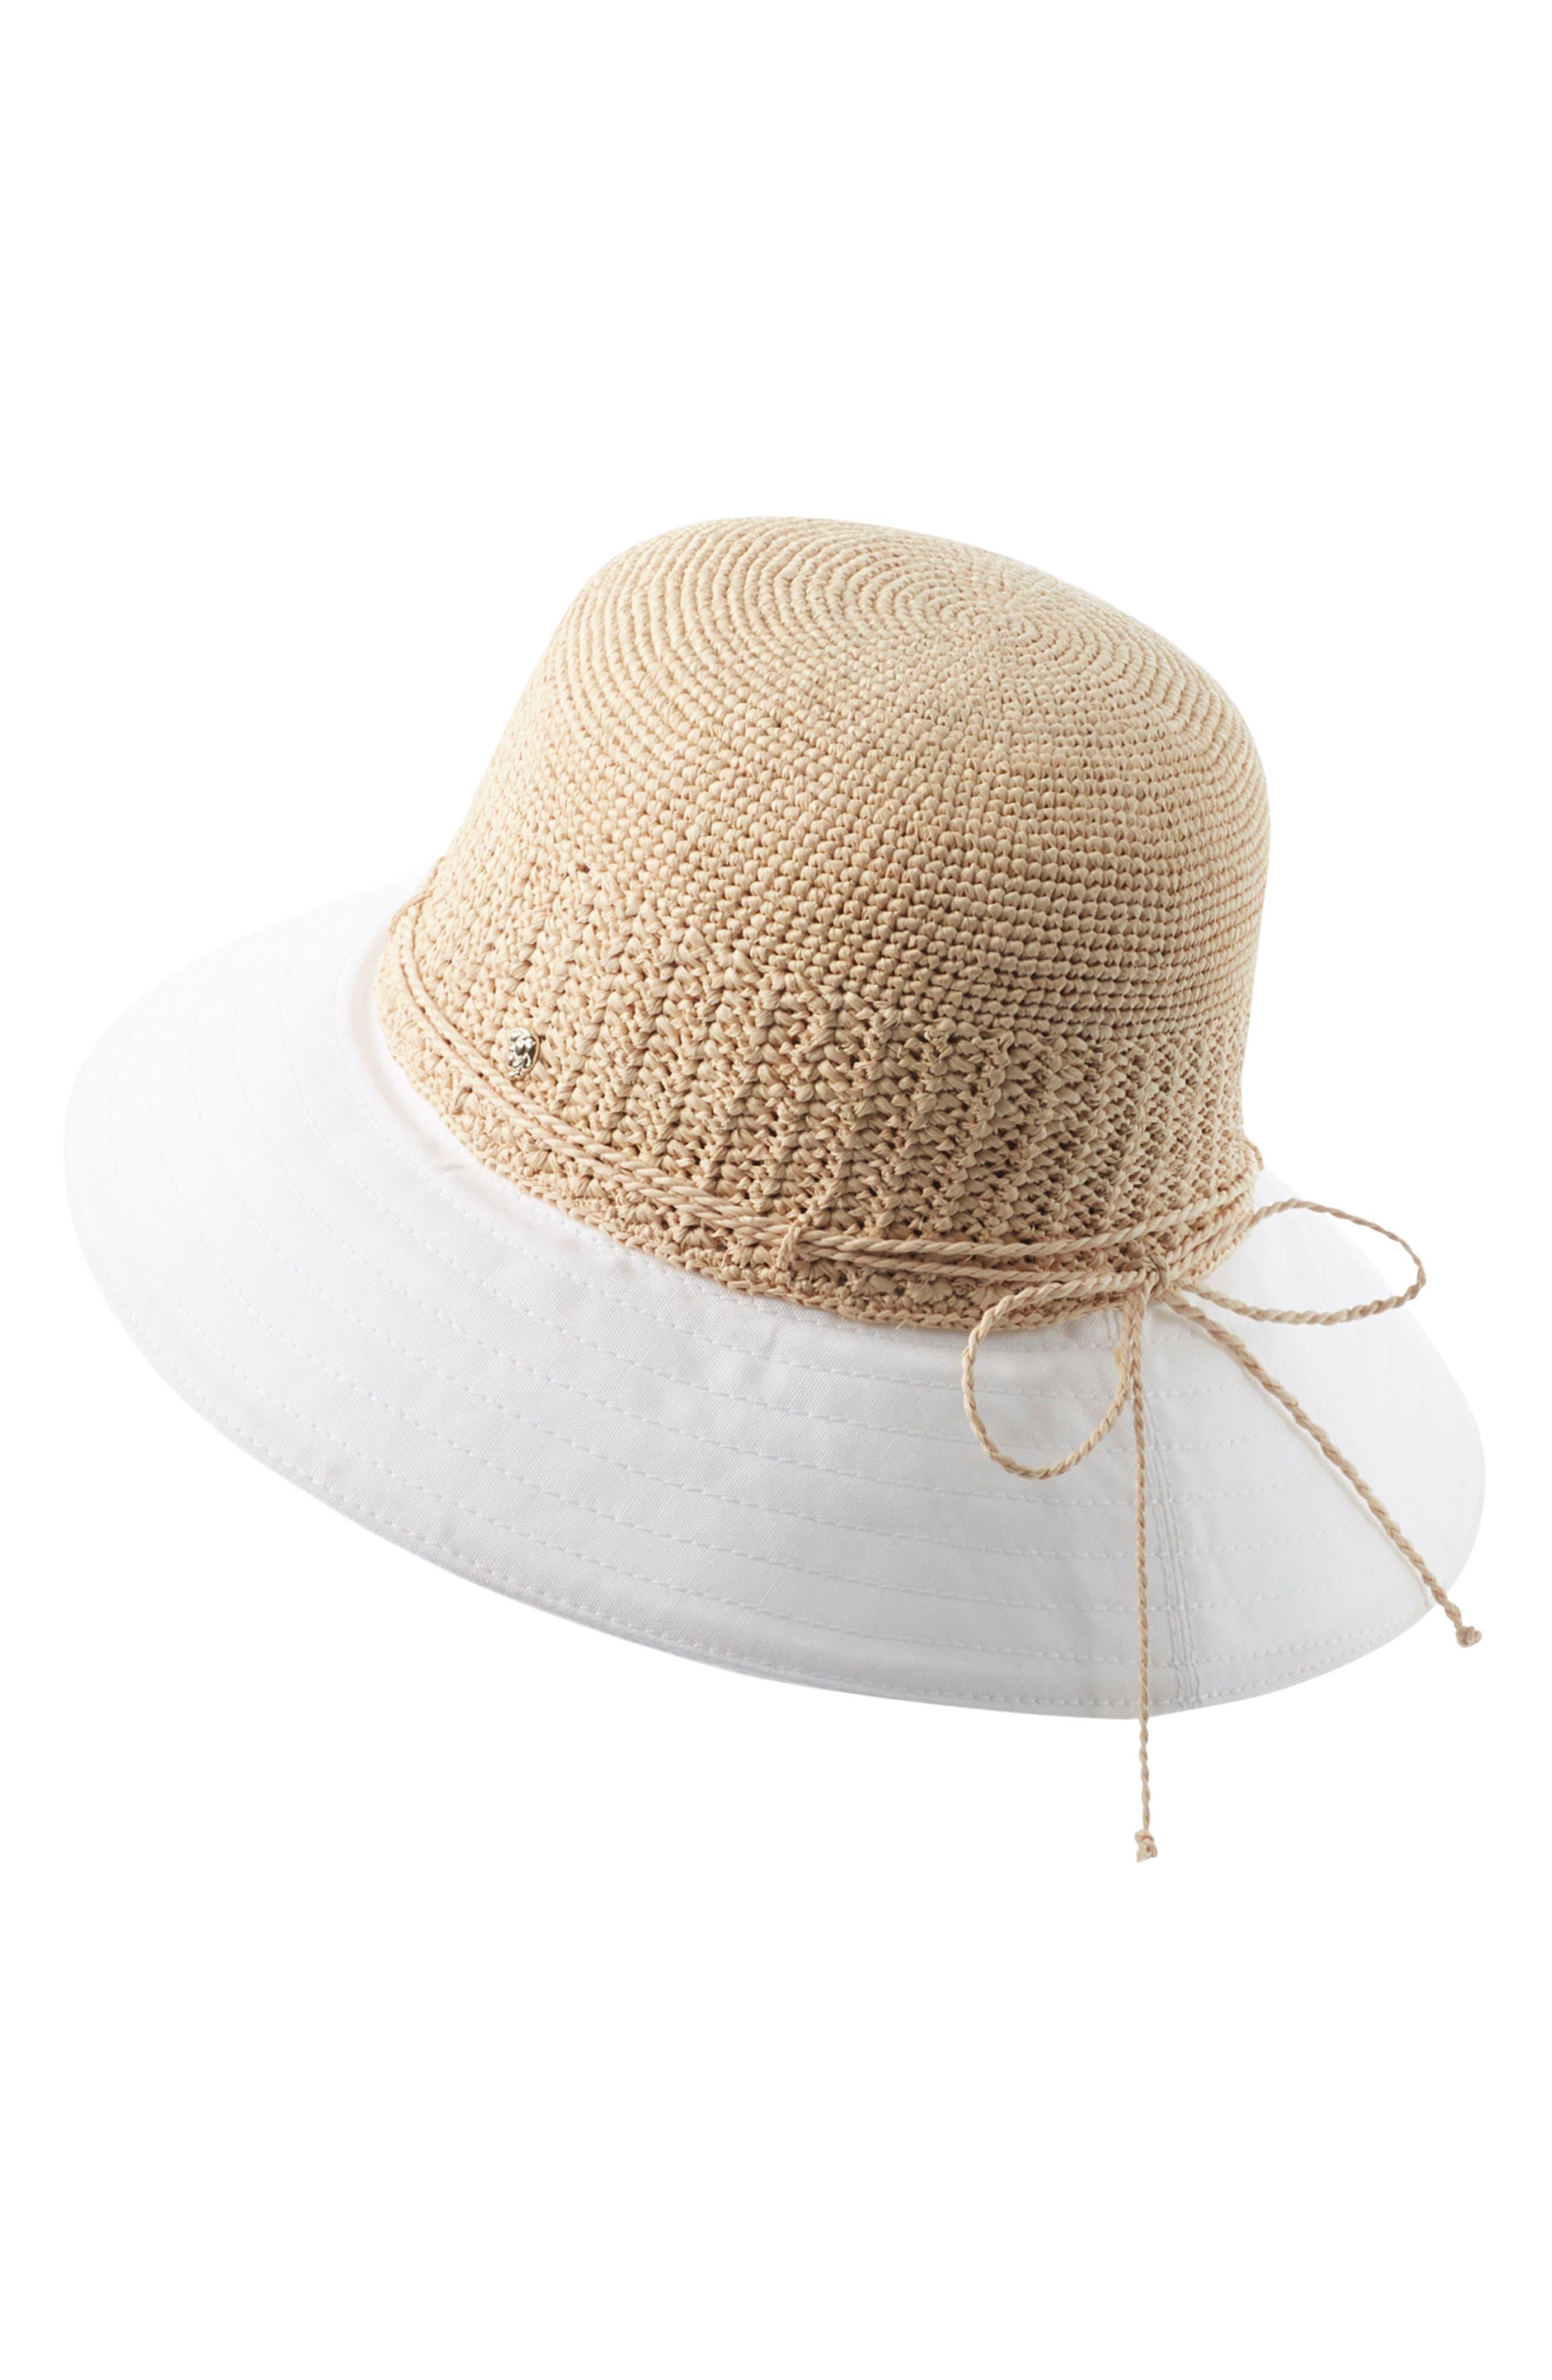 Cotton Brim Raffia Hat,                         Main,                         color, Natural/ White